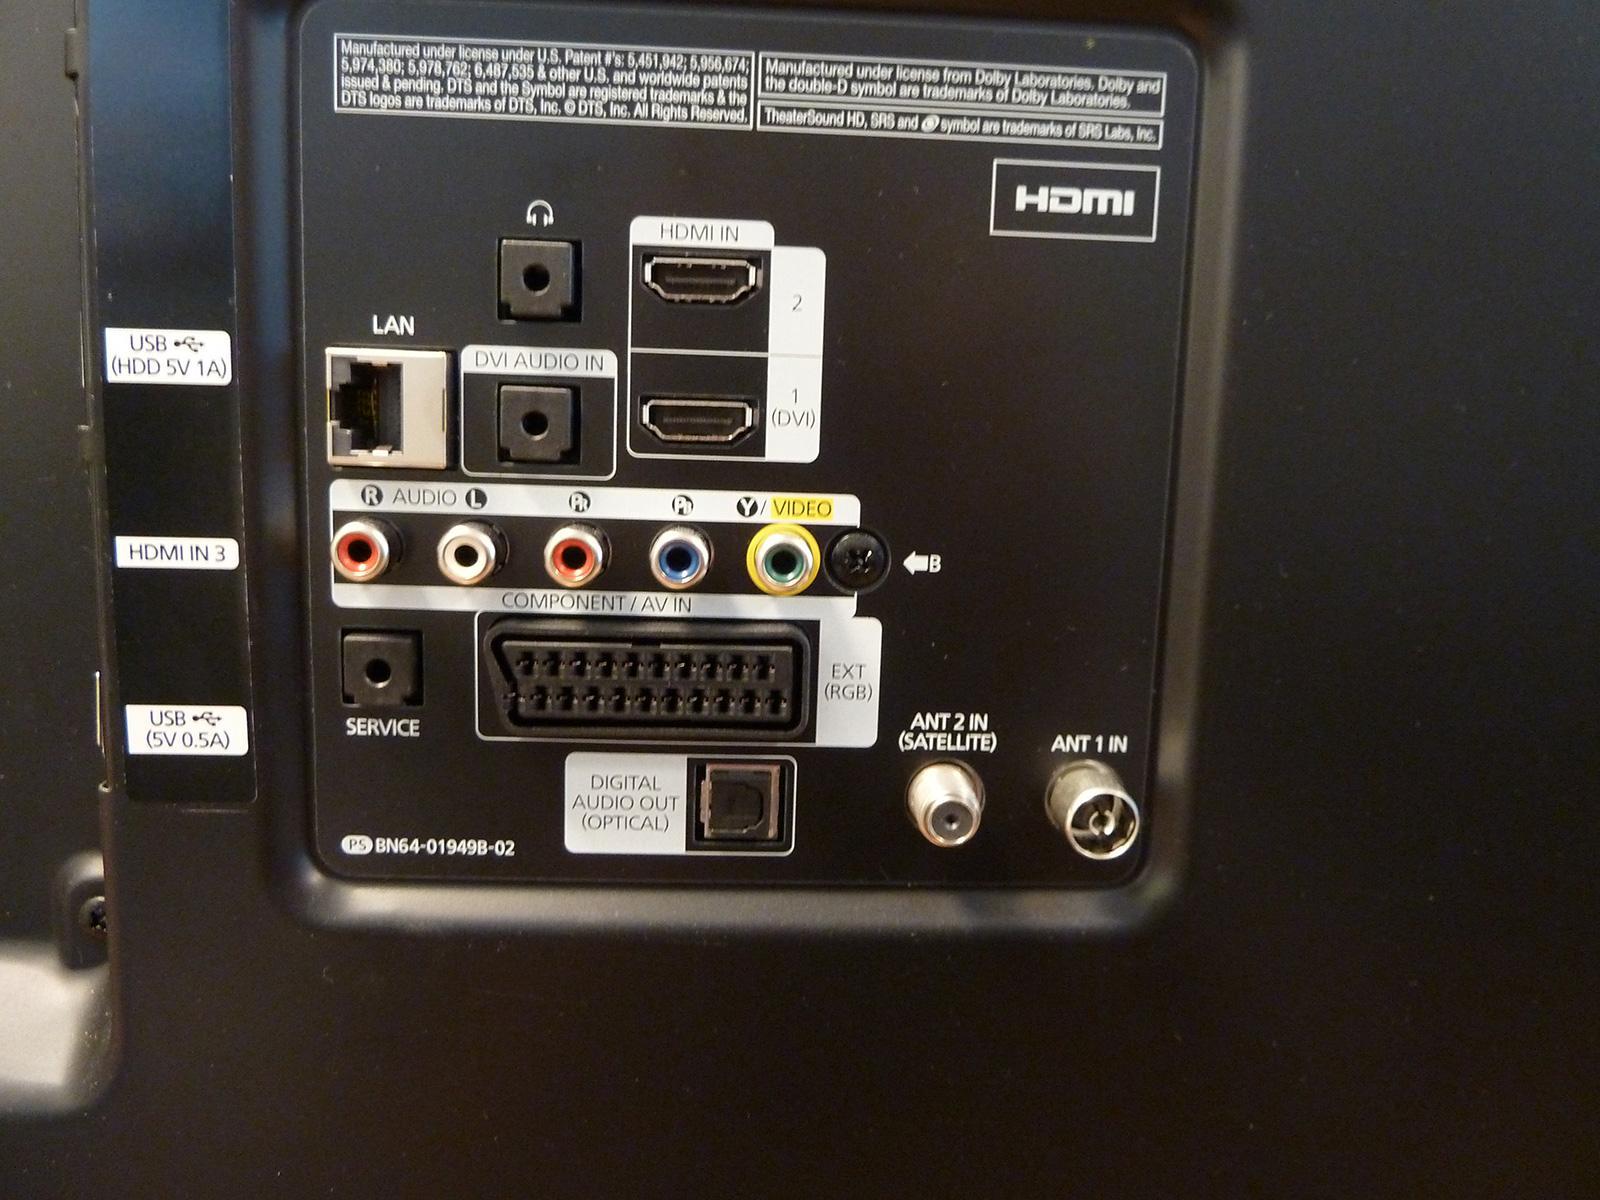 Slik ser det ut bakpå TV-en mens den ennå kan ta inn rikskringkastingen.Foto: Elektronisk Service